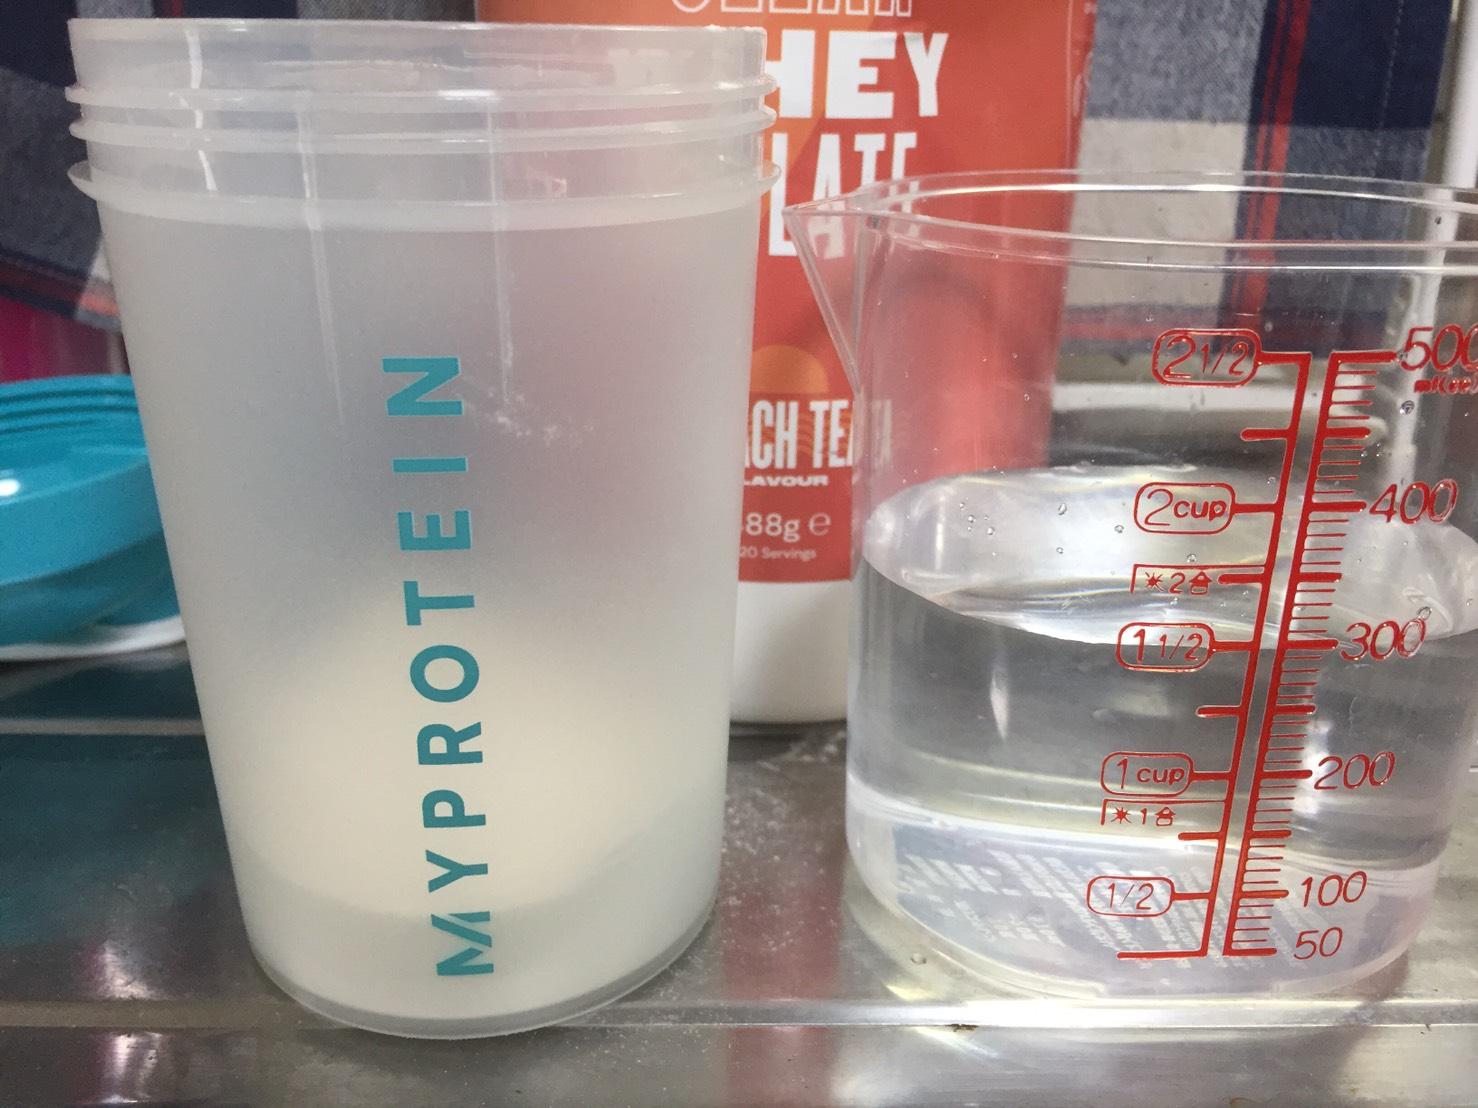 ピーチティー味(PEACH TEA)を300mlの水に溶かします